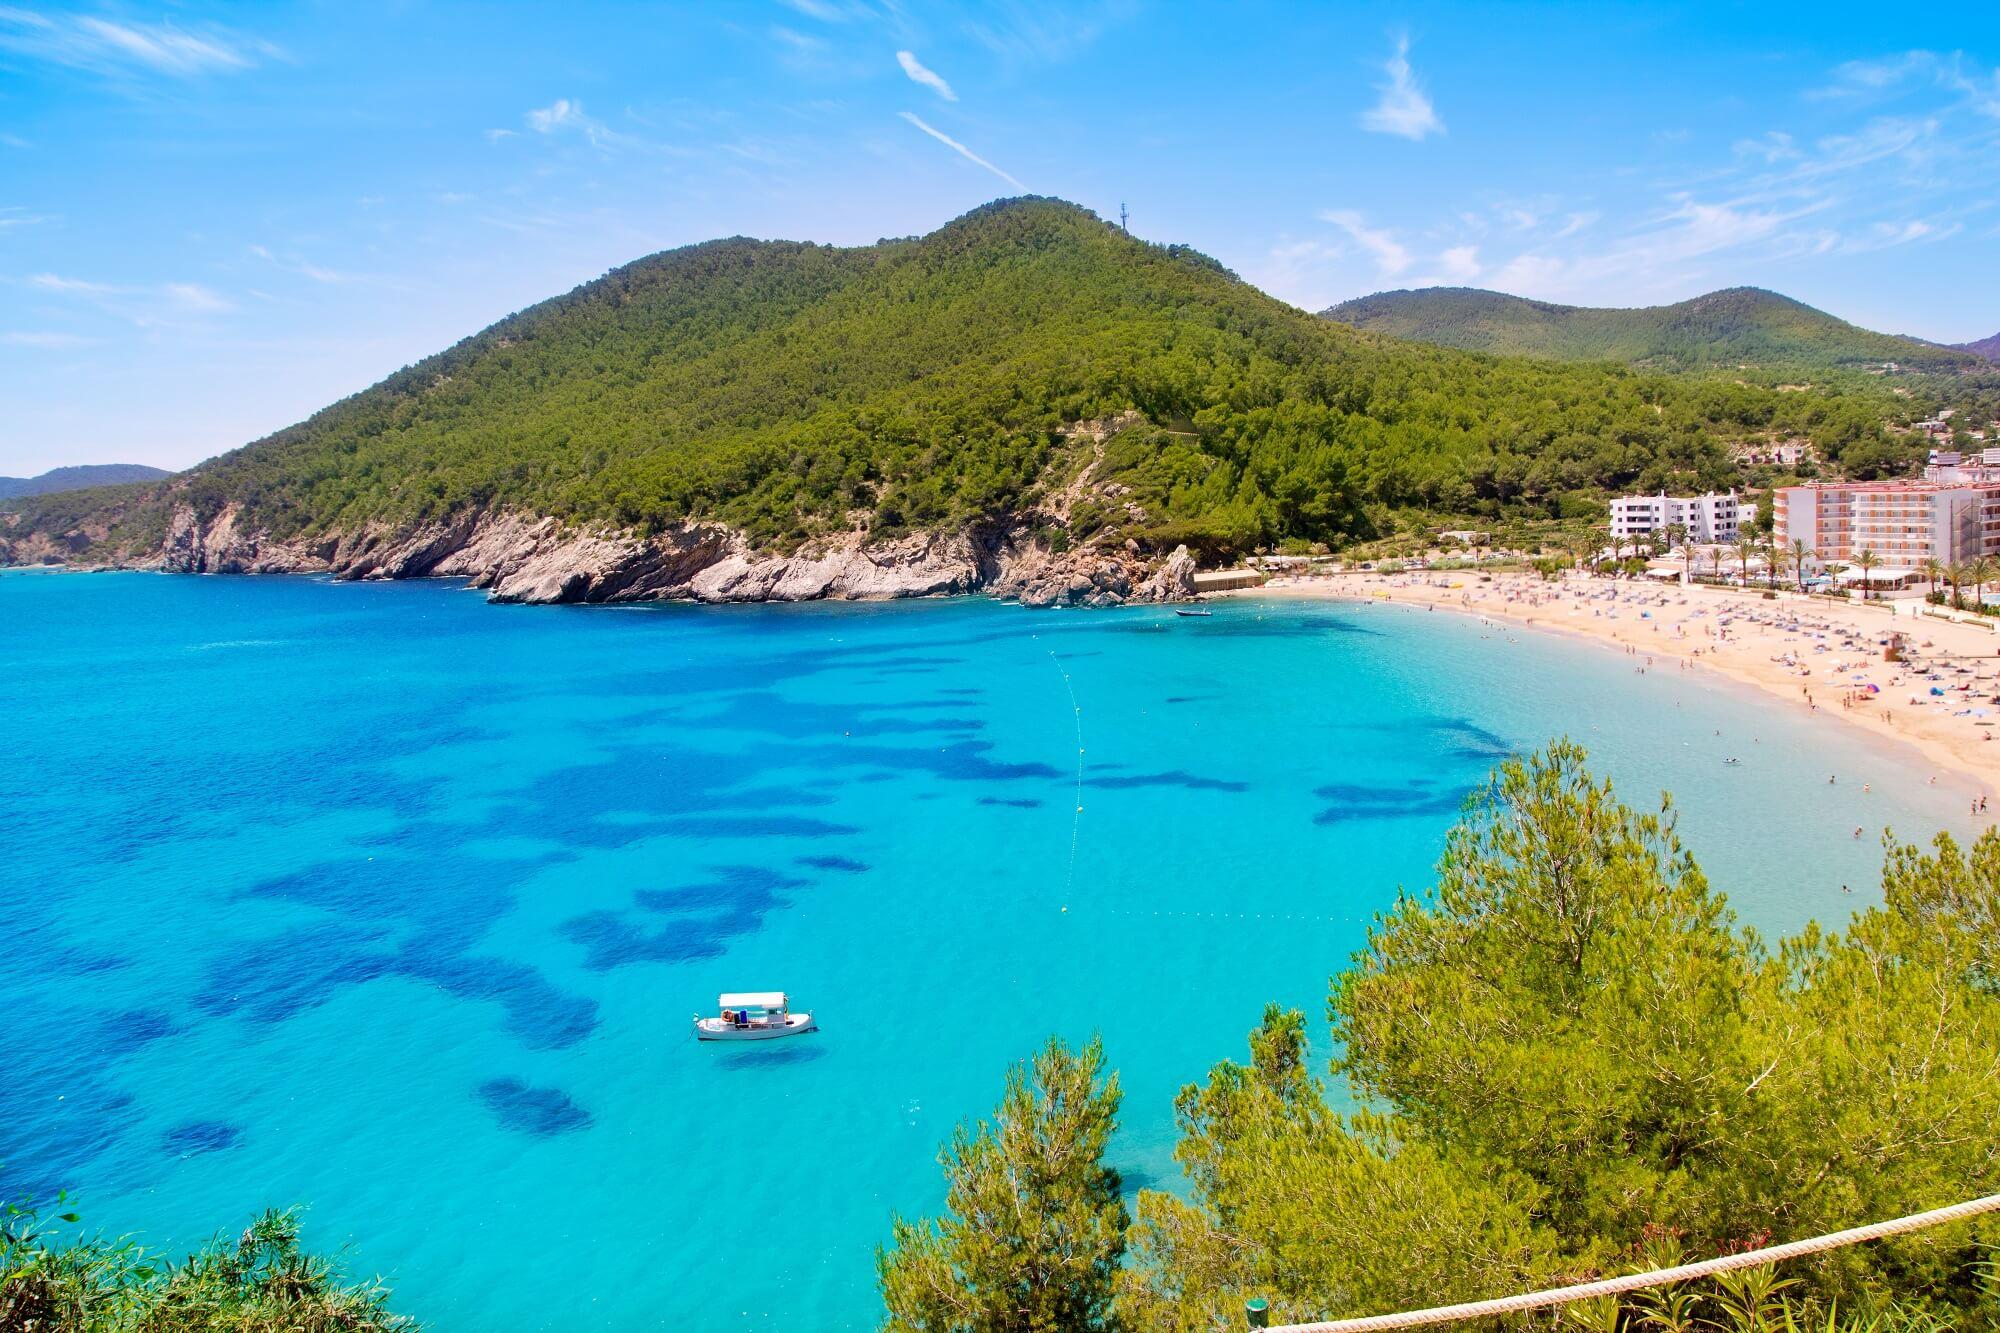 Der Strand Cala de Sant Vicent zählt zu den schönsten Stränden Ibizas